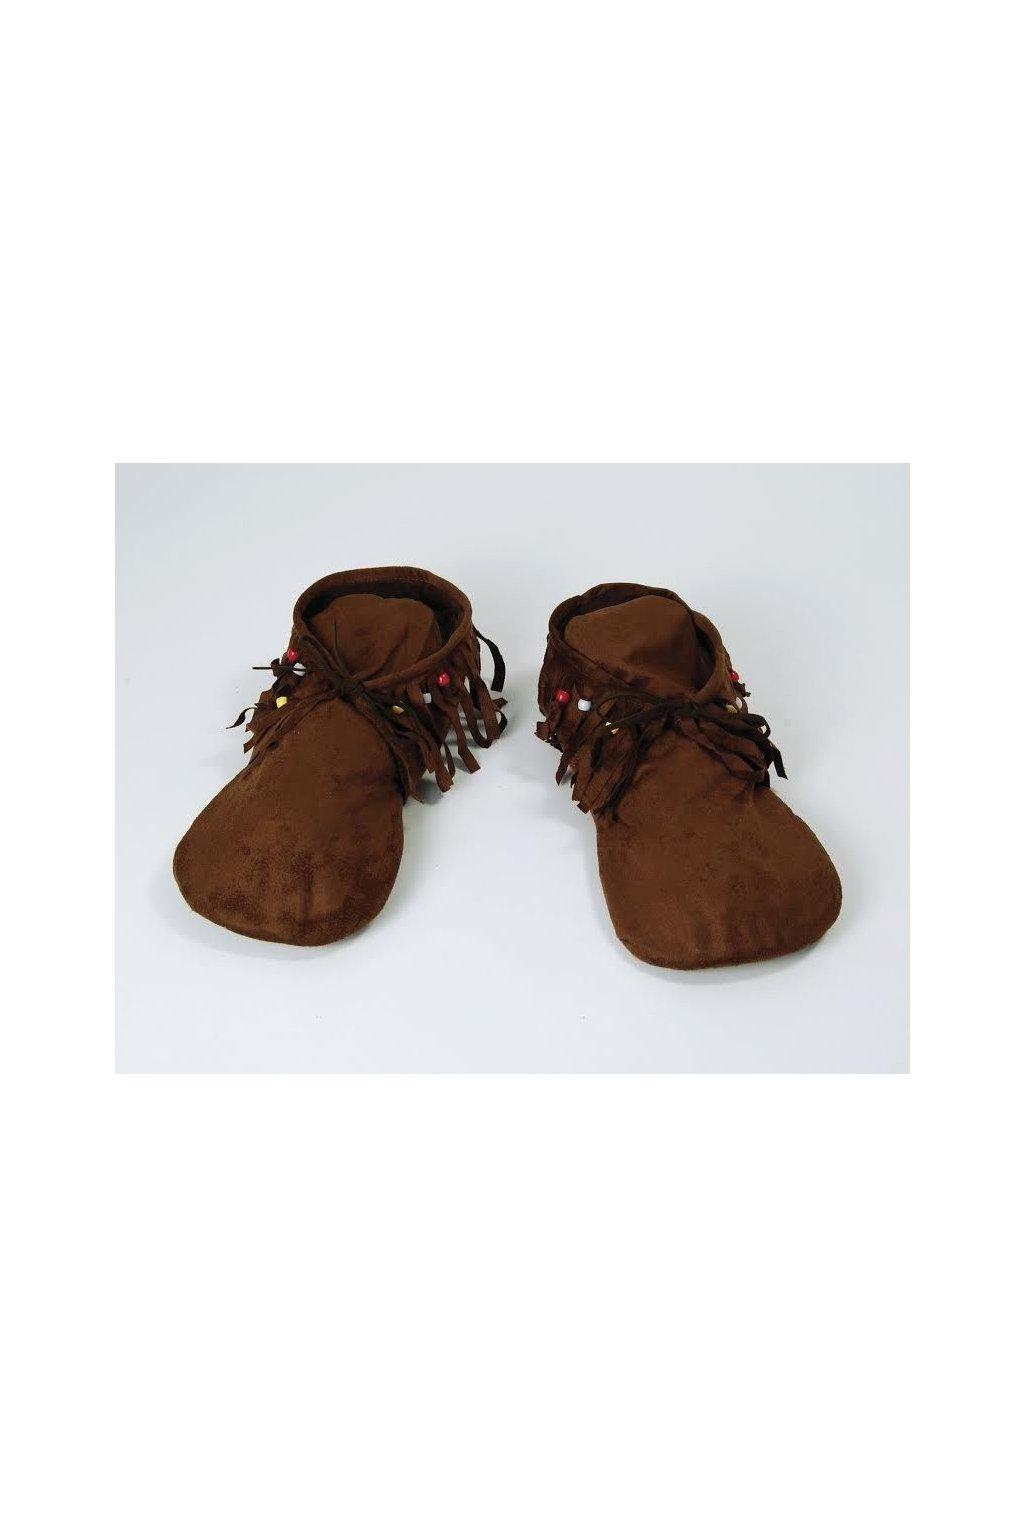 Návleky na boty indián